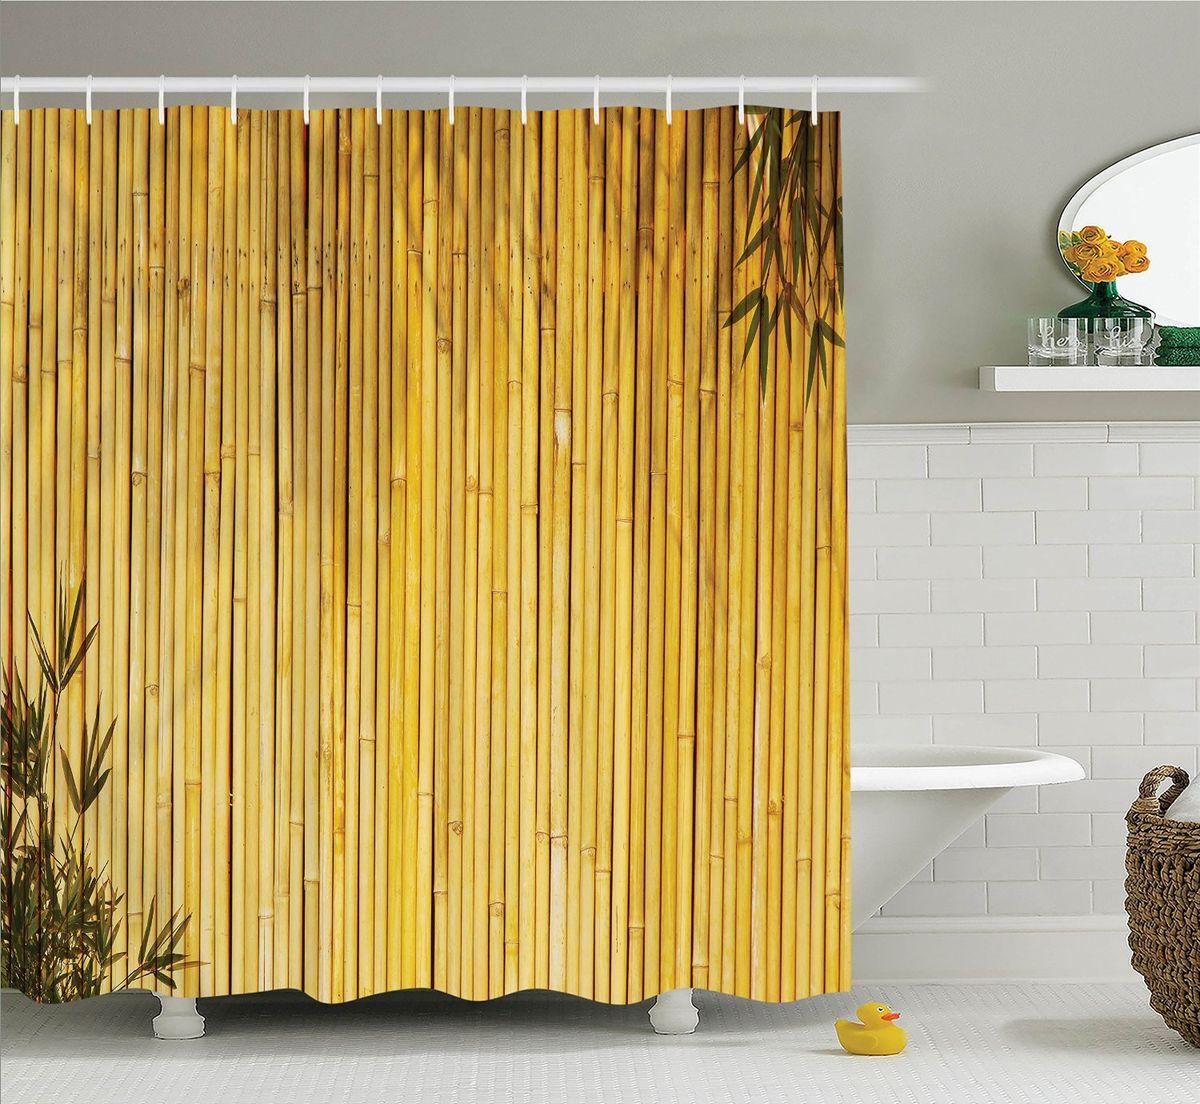 """Штора Magic Lady """"Стена бамбука"""", изготовленная из высококачественного сатена (полиэстер 100%), отлично дополнит любой интерьер ванной комнаты. При изготовлении используются специальные гипоаллергенные чернила для прямой печати по ткани, безопасные для человека.    В комплекте: 1 штора, 12 крючков. Обращаем ваше внимание, фактический цвет изделия может незначительно отличаться от представленного на фото."""